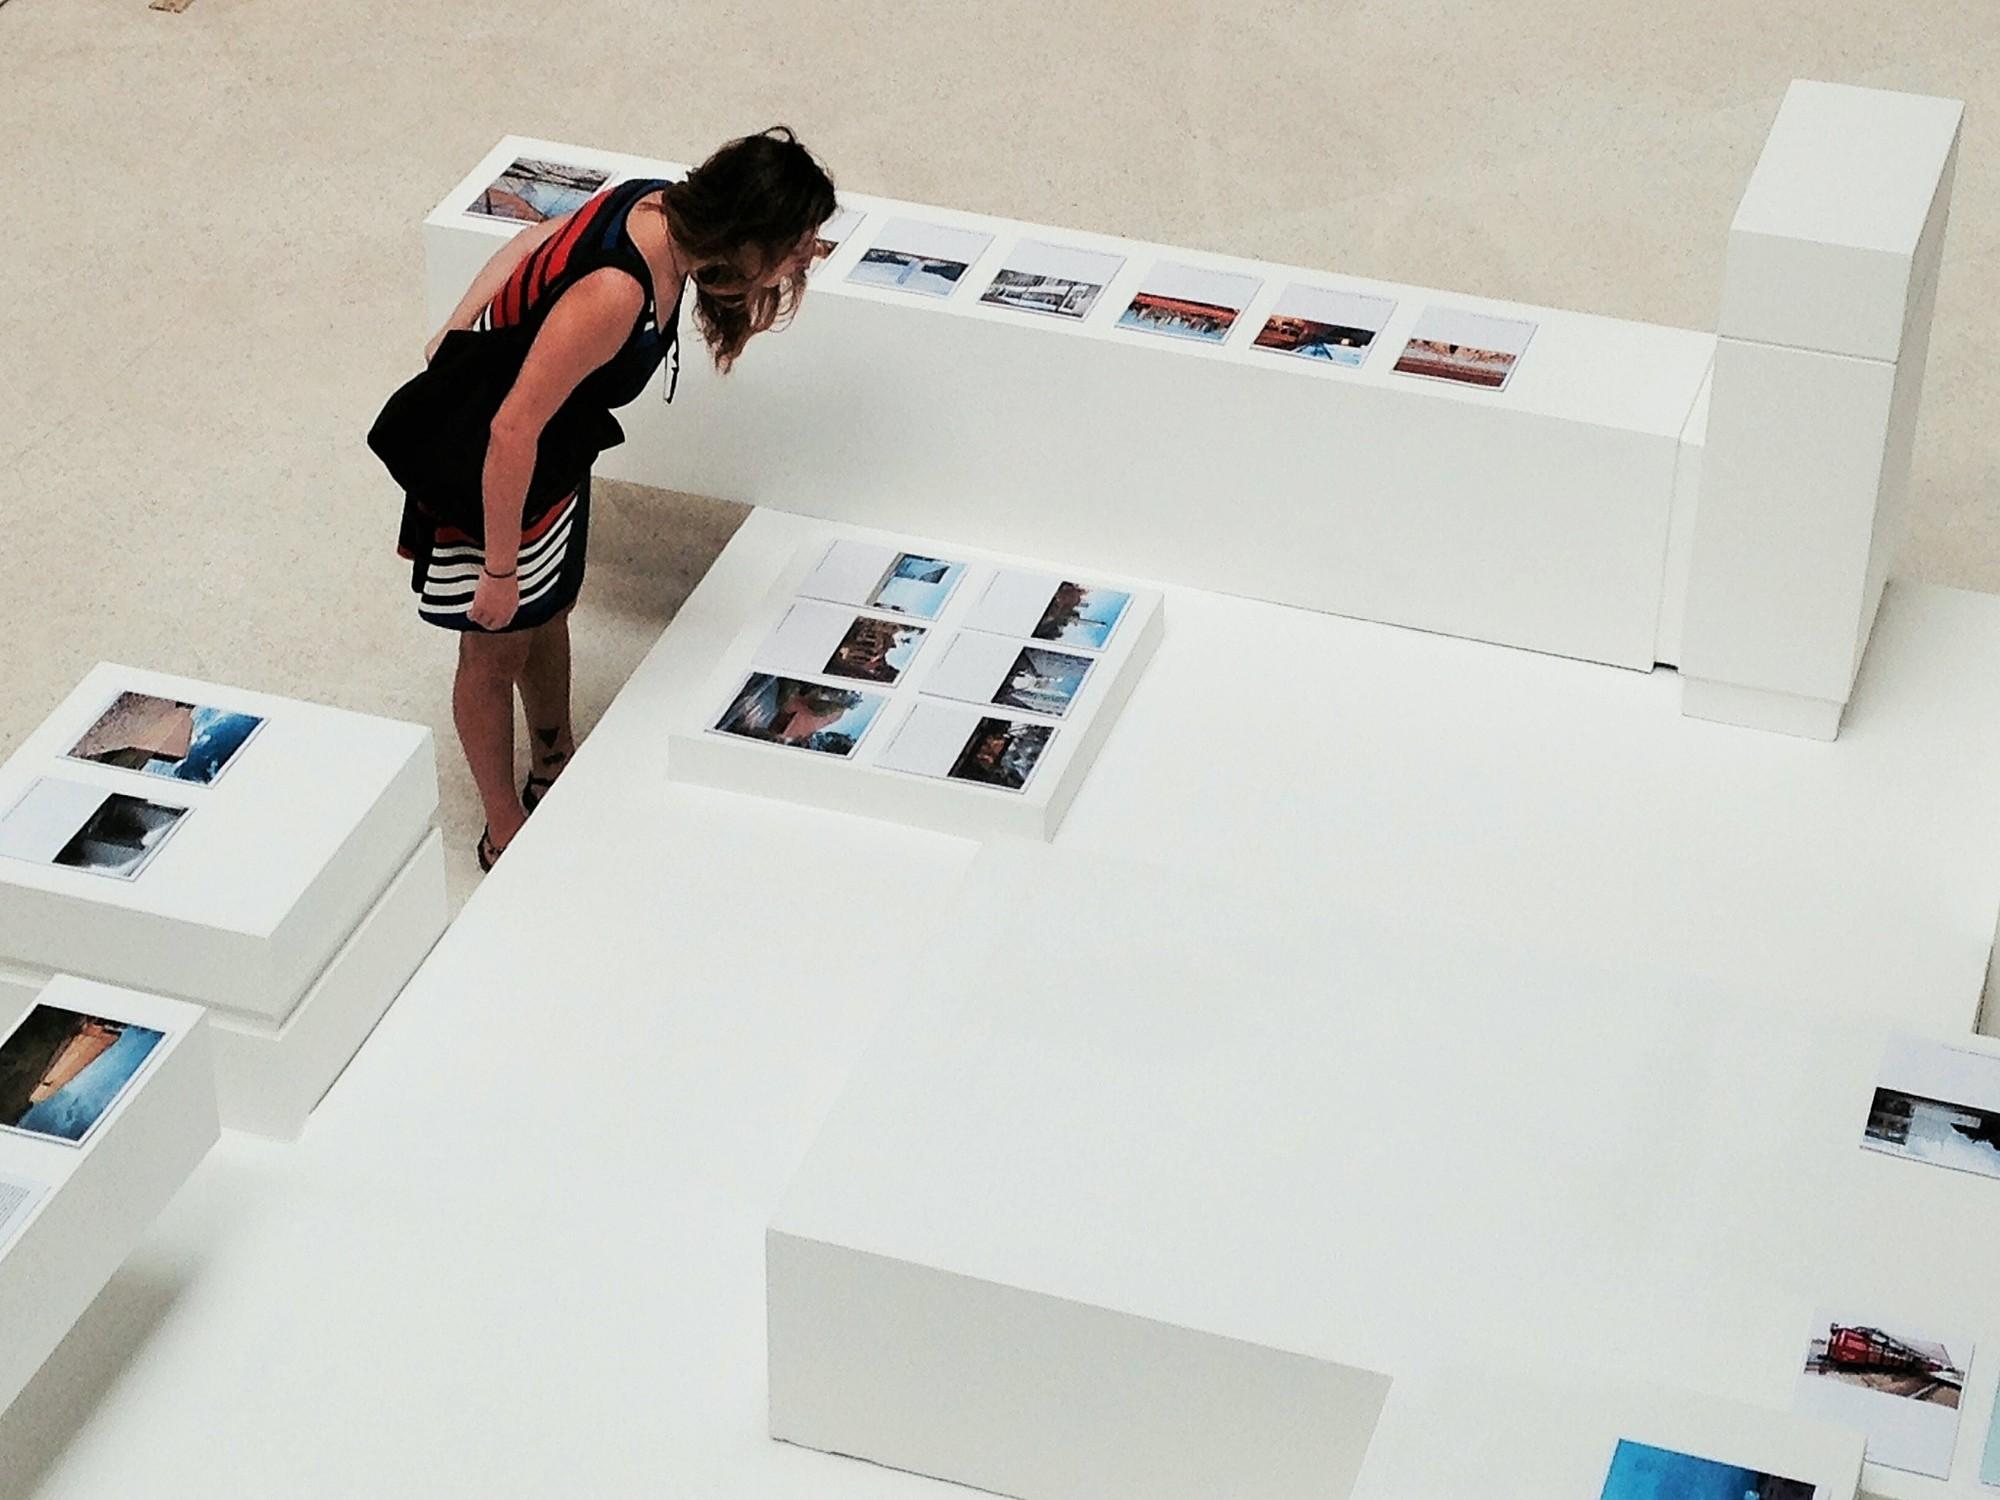 50 obras y proyectos en Iberoamérica: arquitectura para 600 millones de ciudadanos